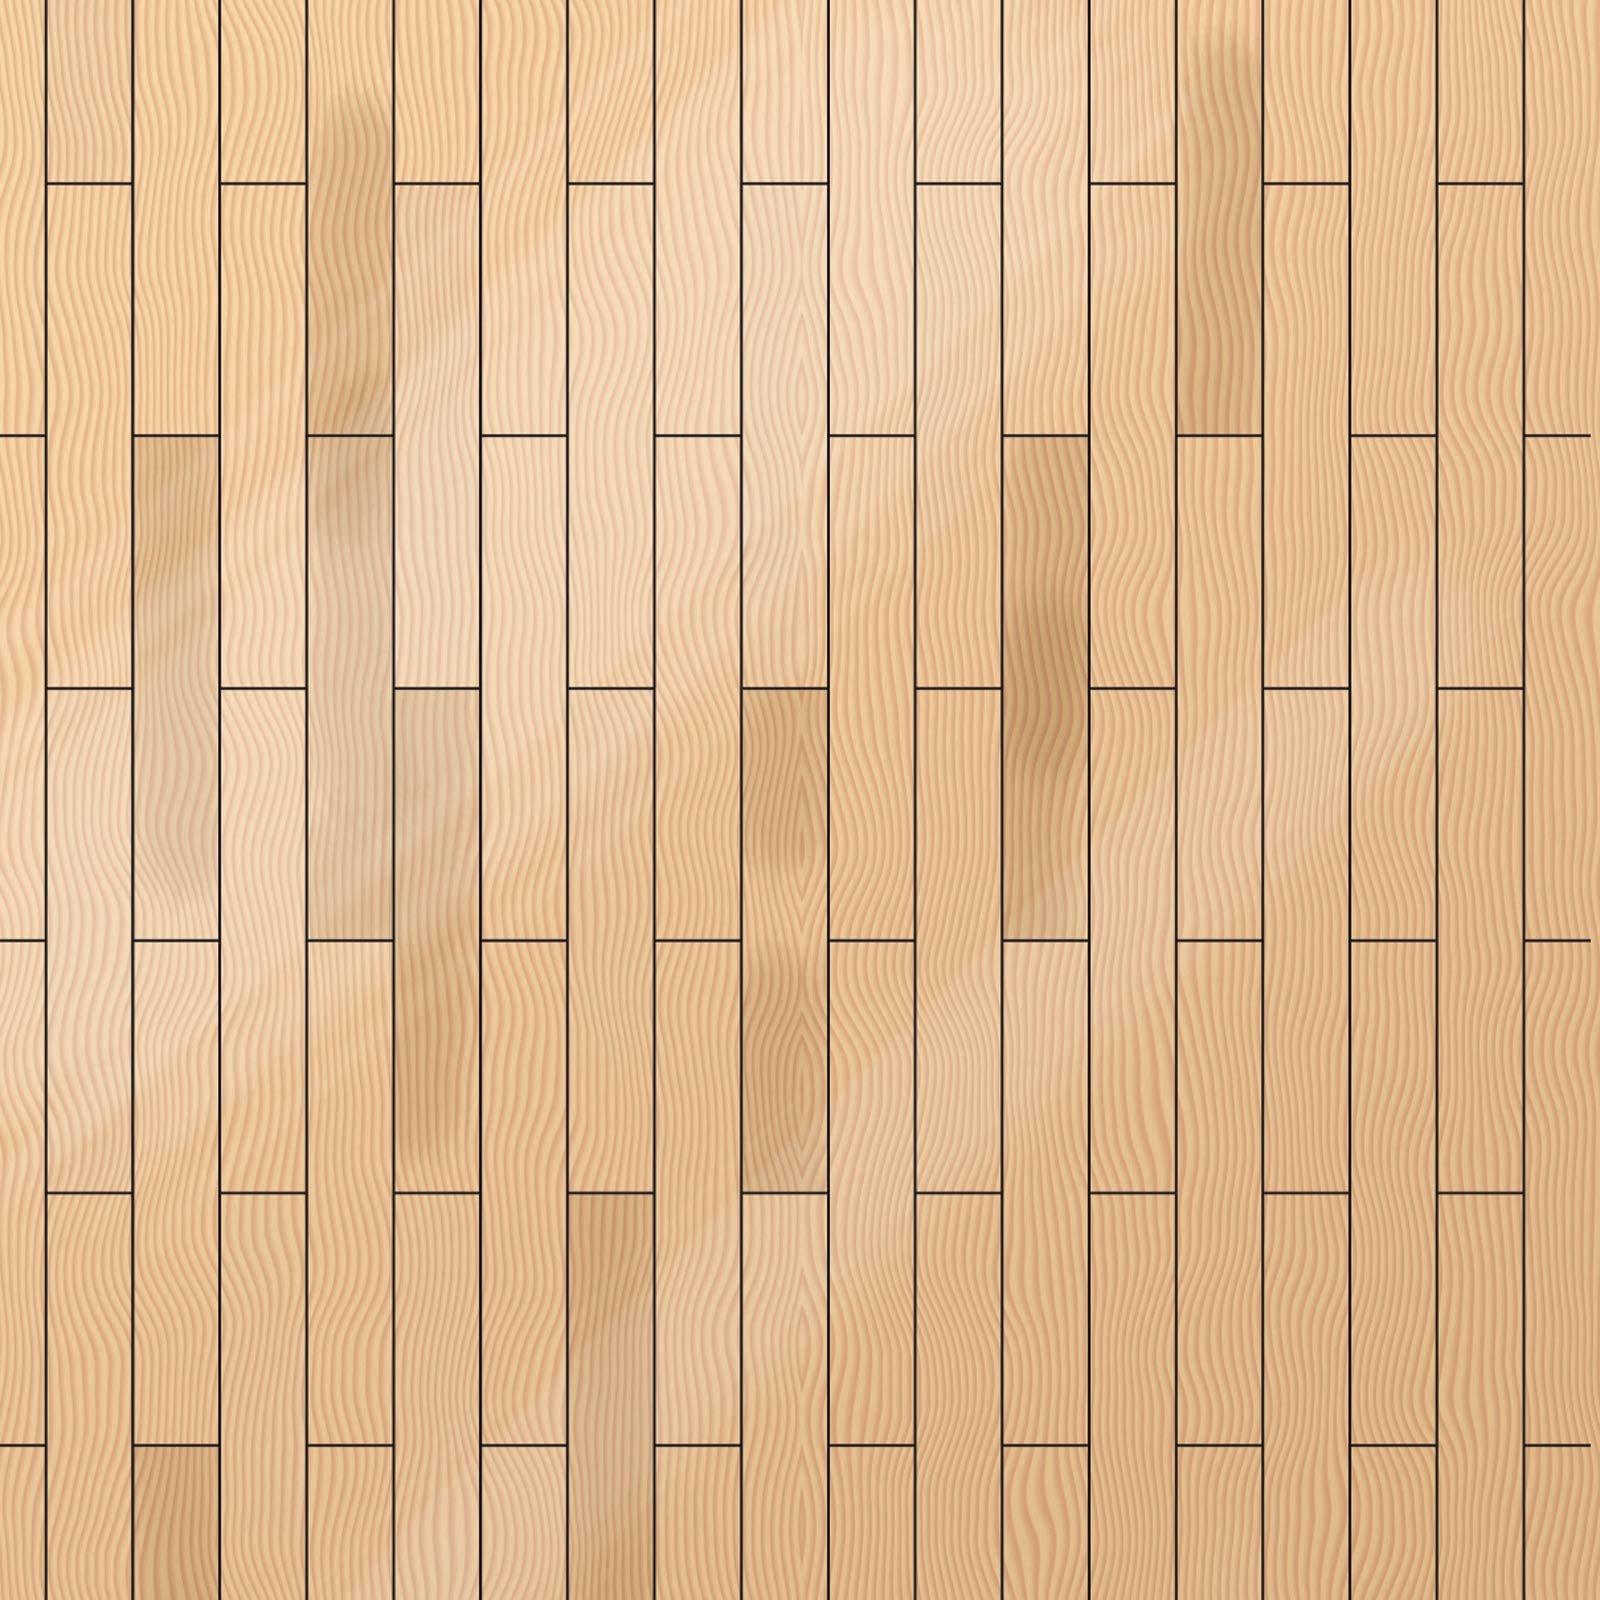 Parquet geometrie e tipi di posa cose di casa - Piastrelle in inglese ...